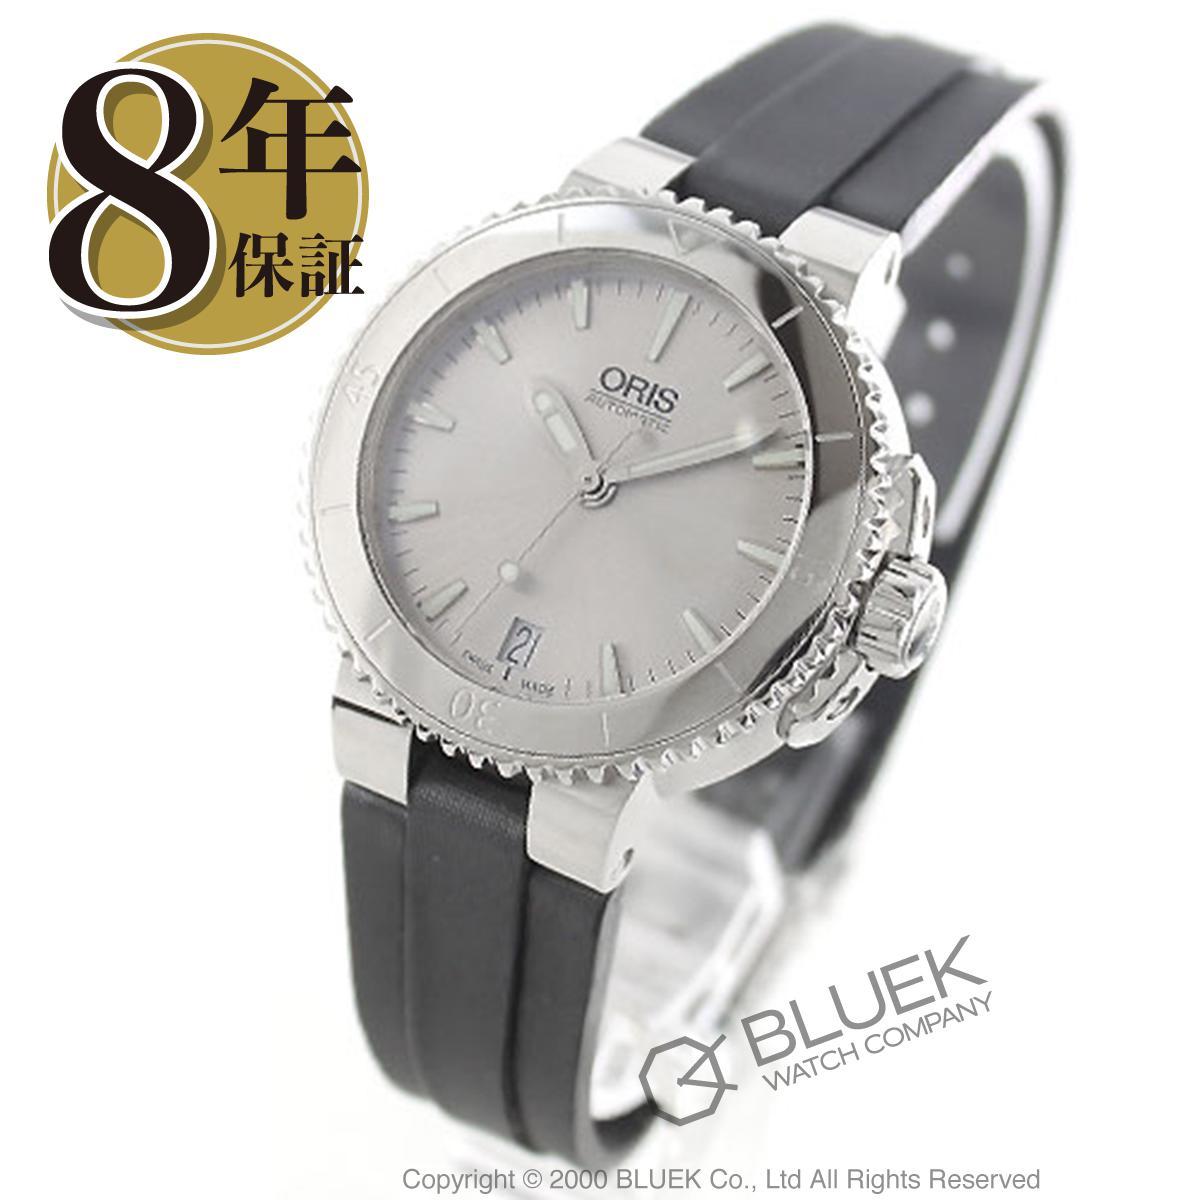 オリス ORIS 腕時計 アクイス サテンレザー 300m防水 レディース 733 7652 4141D_8